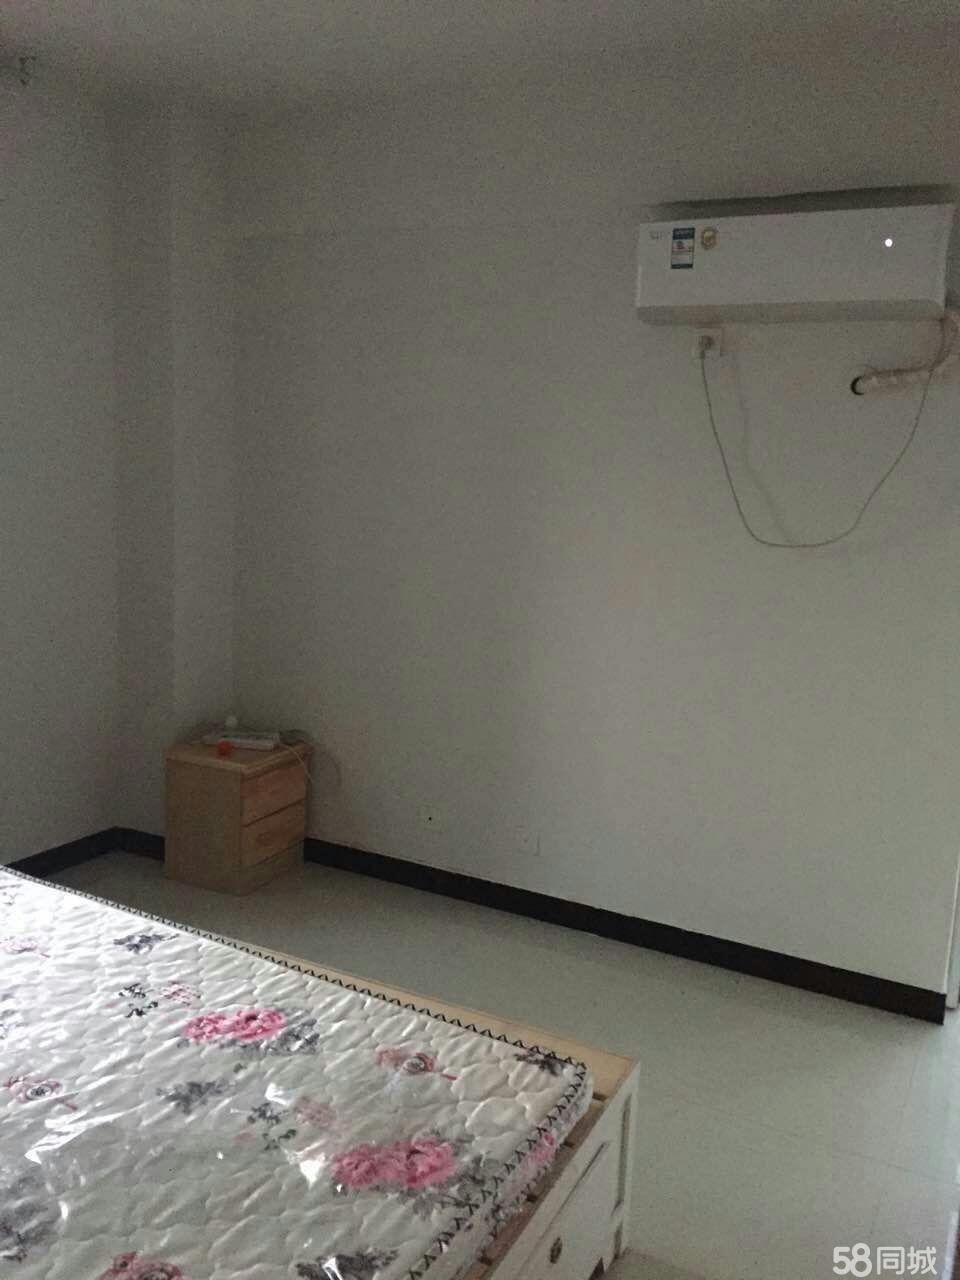 澳门星际官网花样年华2室1厅81平米简单装修年付